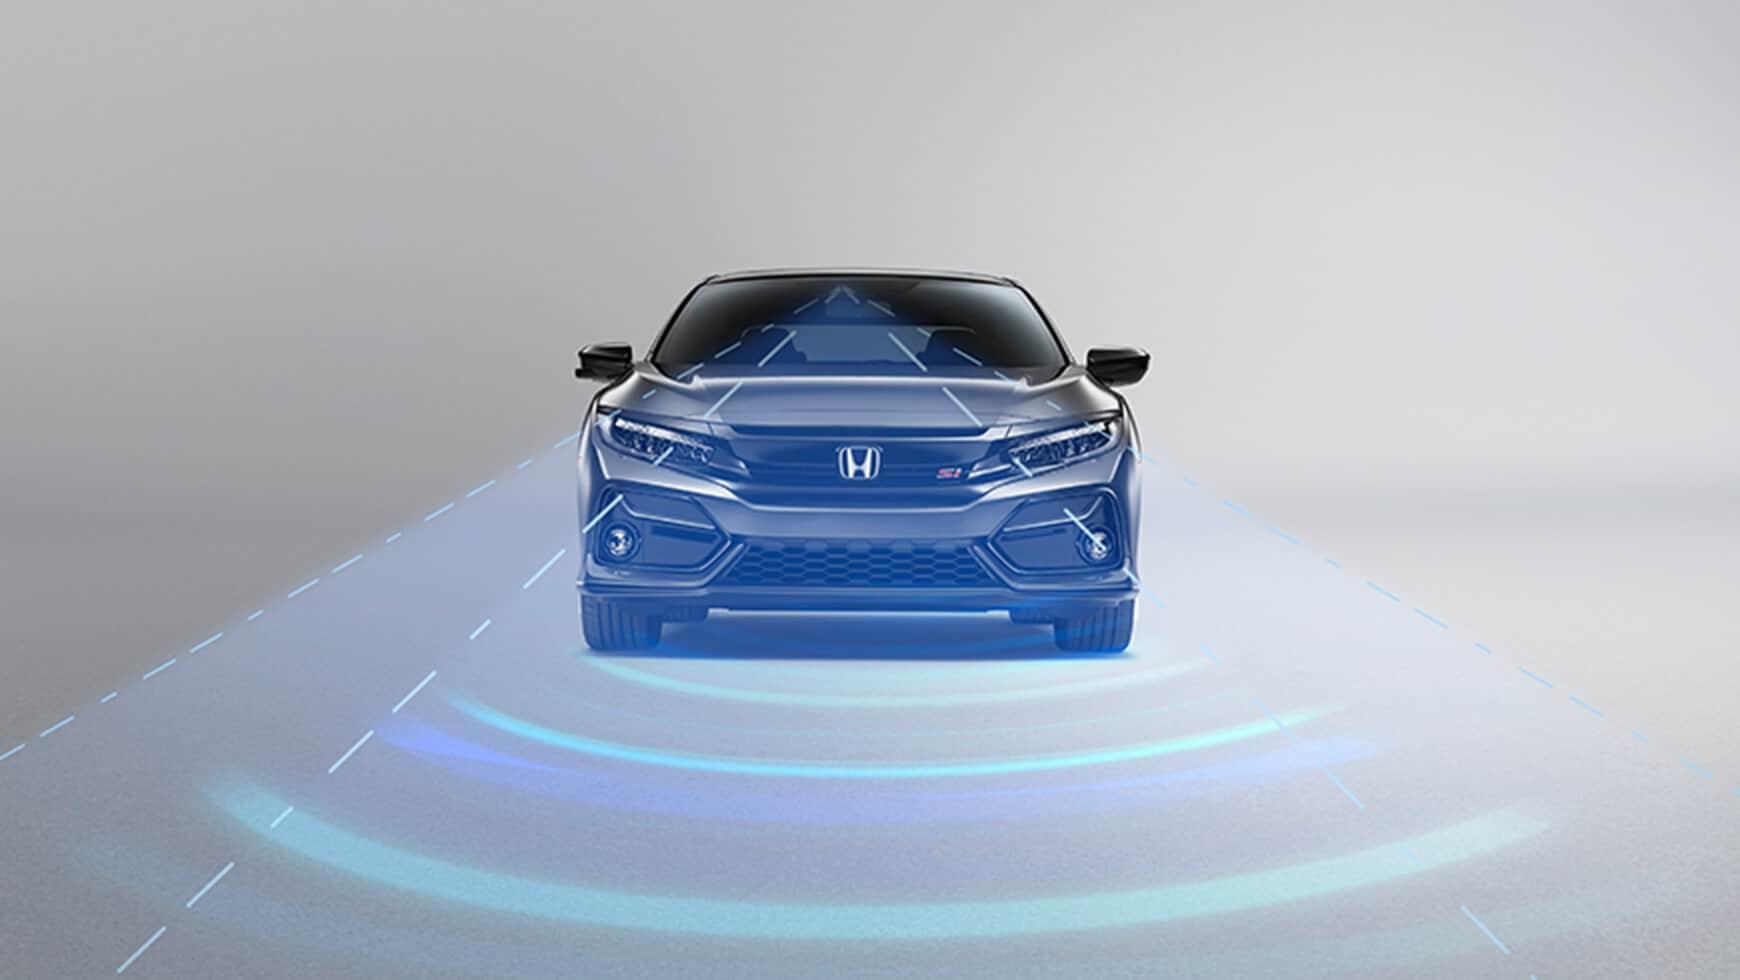 Vista frontal del Honda Civic Si Sedán2020 en Modern Steel Metallic mostrando el control automático de crucero adaptable (ACC).